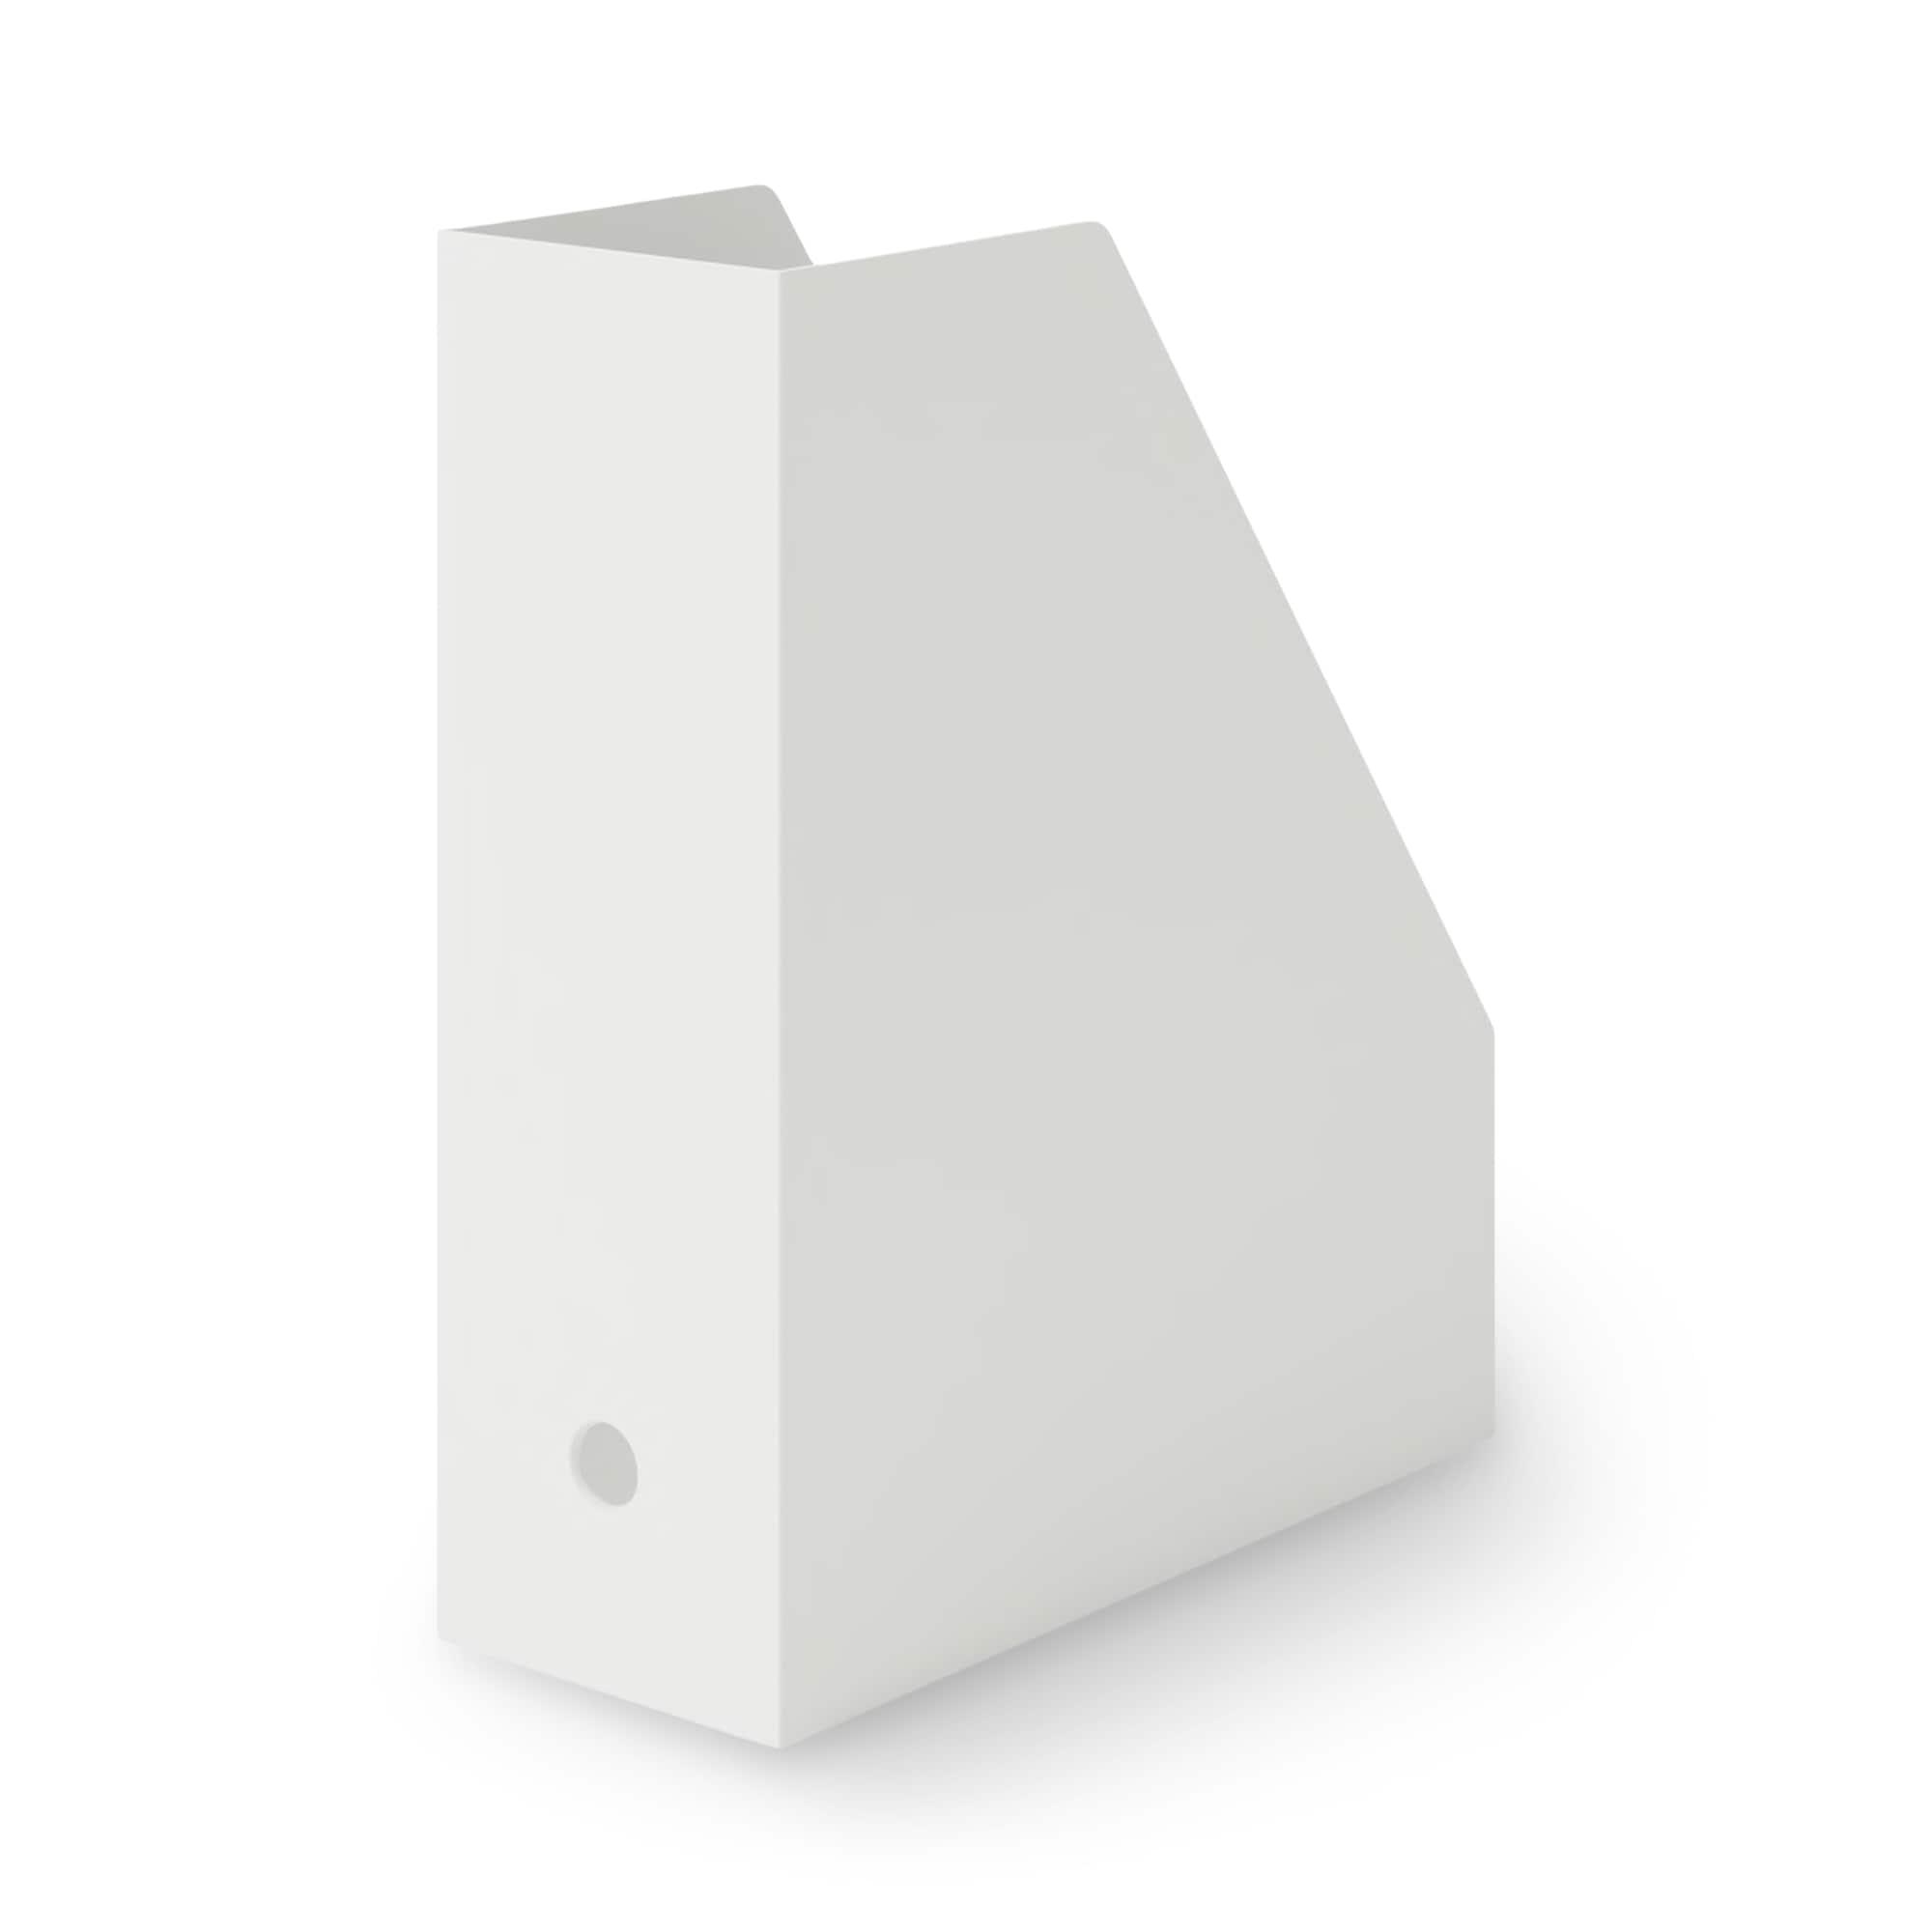 [무인양품] MUJI 폴리프로필렌 스탠드 파일 박스・A4용・화이트 그레이 일본공식스토어 상품